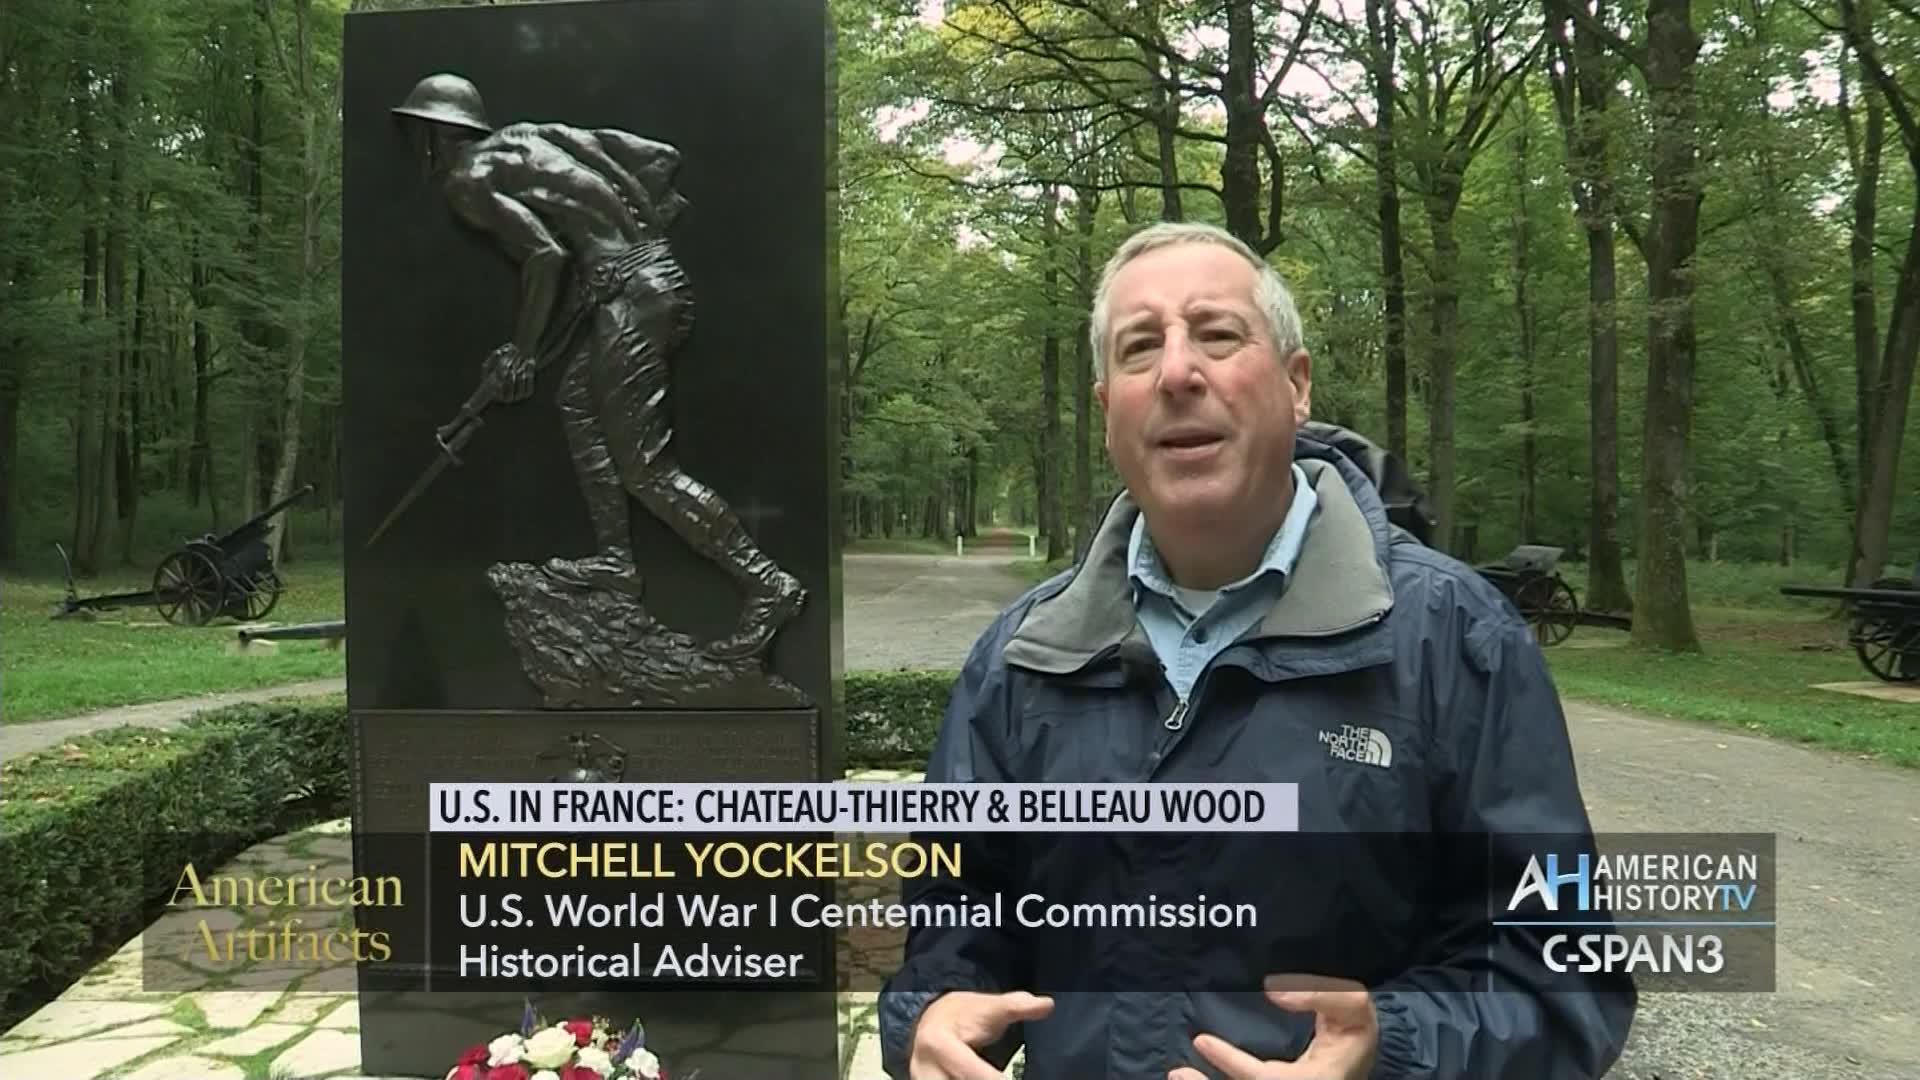 World War I Battle of Belleau Wood Centennial